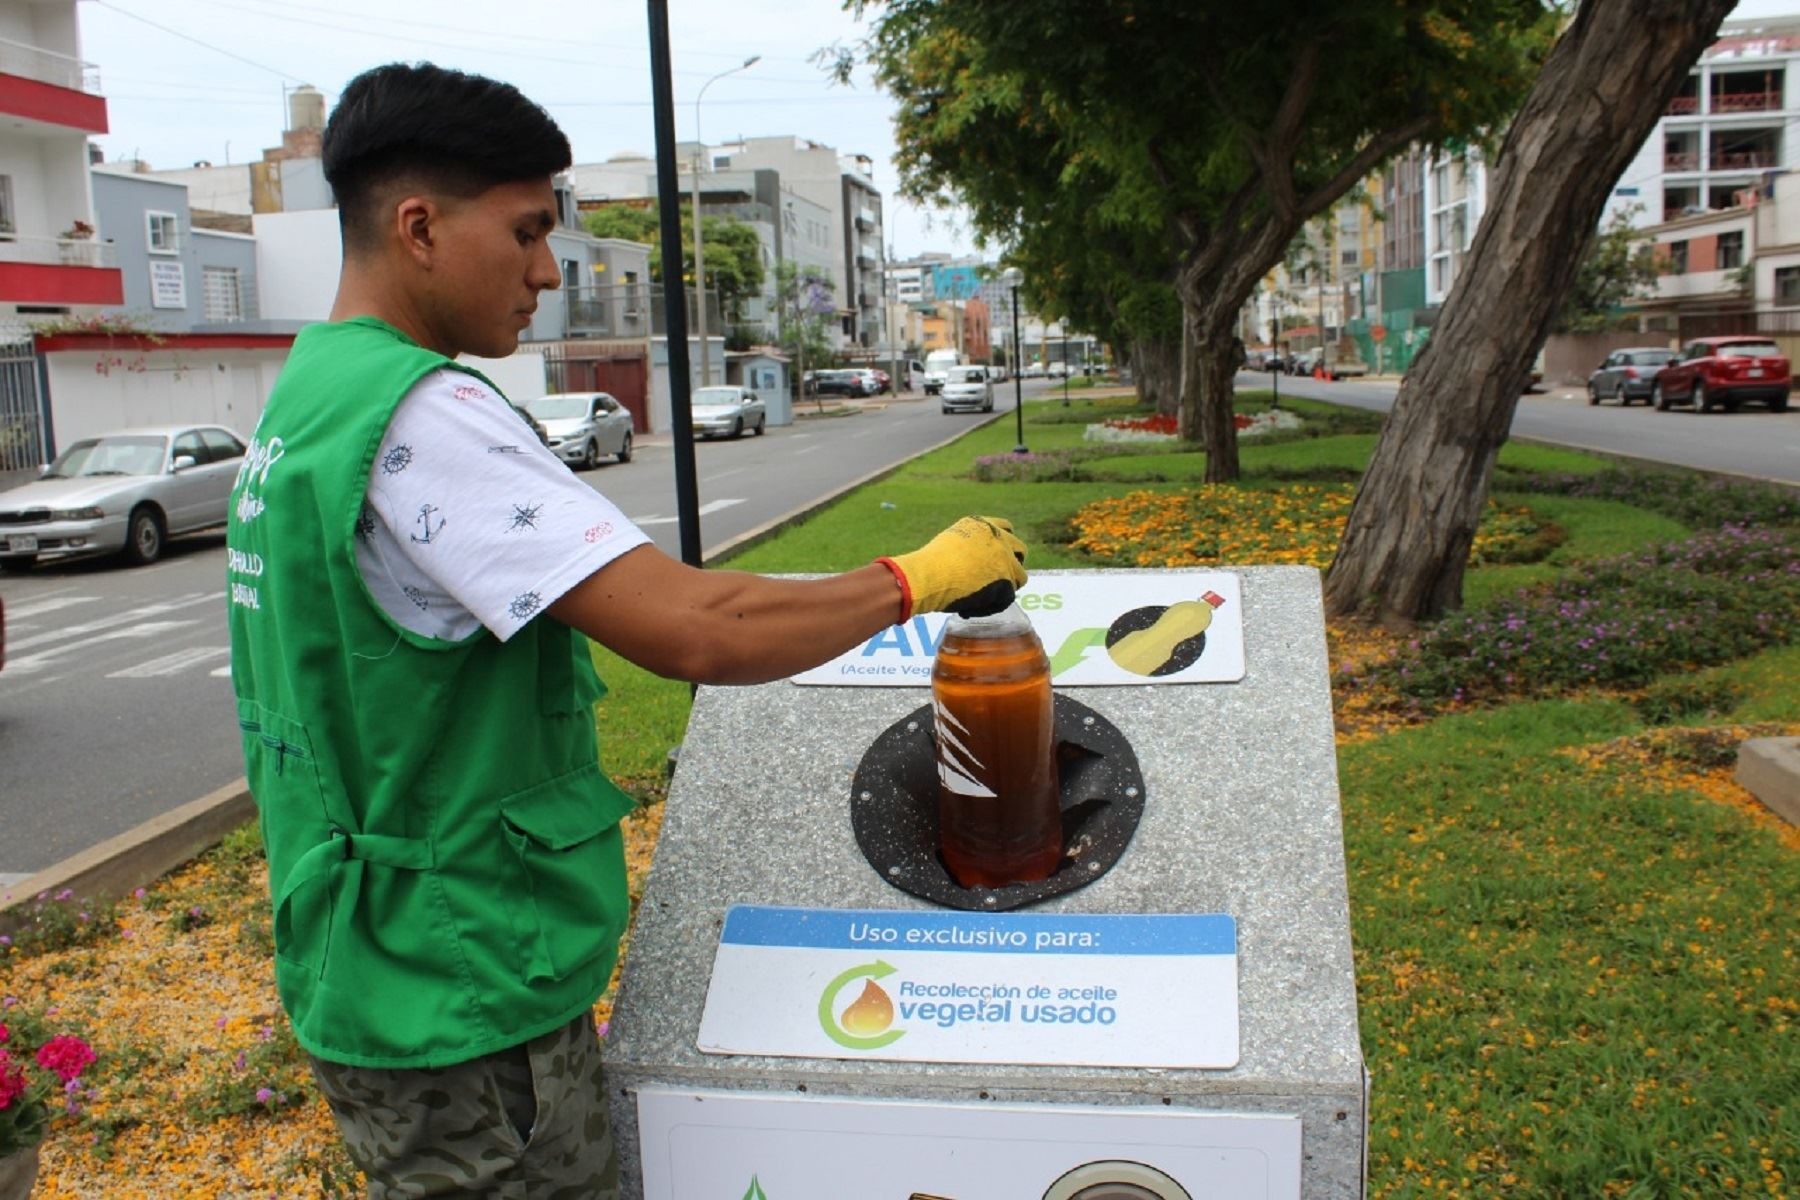 Manejo de residuos de aceite vegetal usado en el municipio de Miraflores. Foto: Difusión.